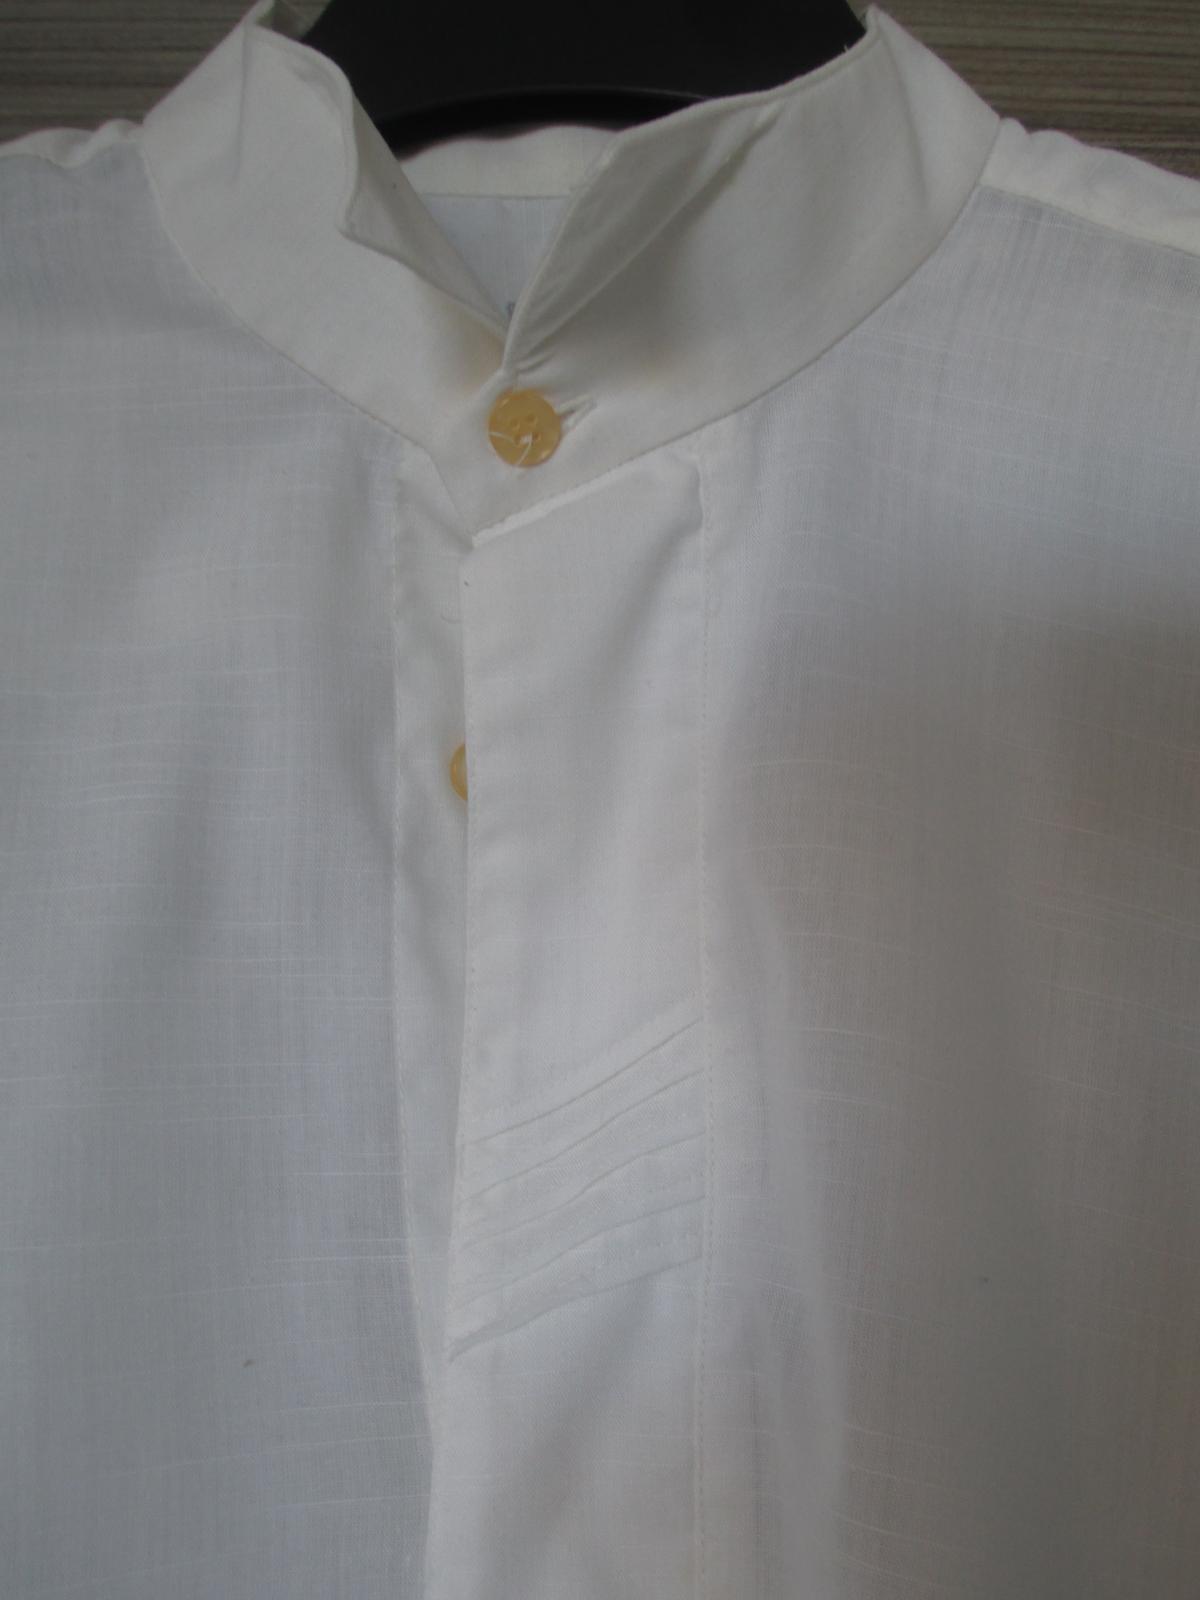 Košile na motýlka - Obrázek č. 2